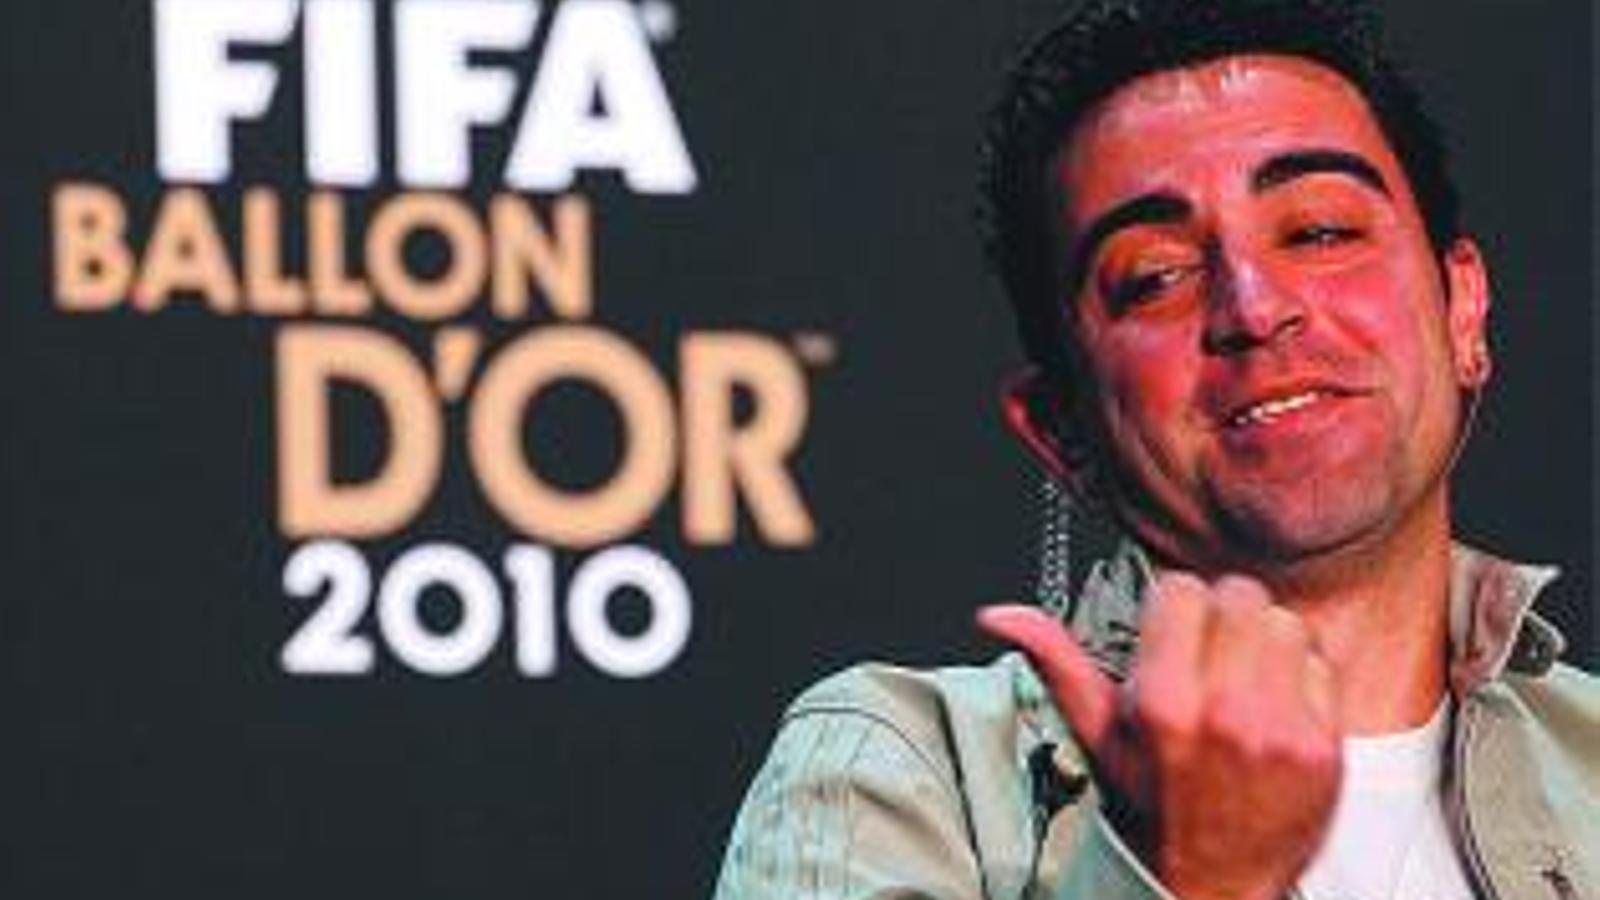 Xavi Hernández somriu durant la roda de premsa prèvia a la gala. / CHRISTIAN HARTMANN / REUTERS